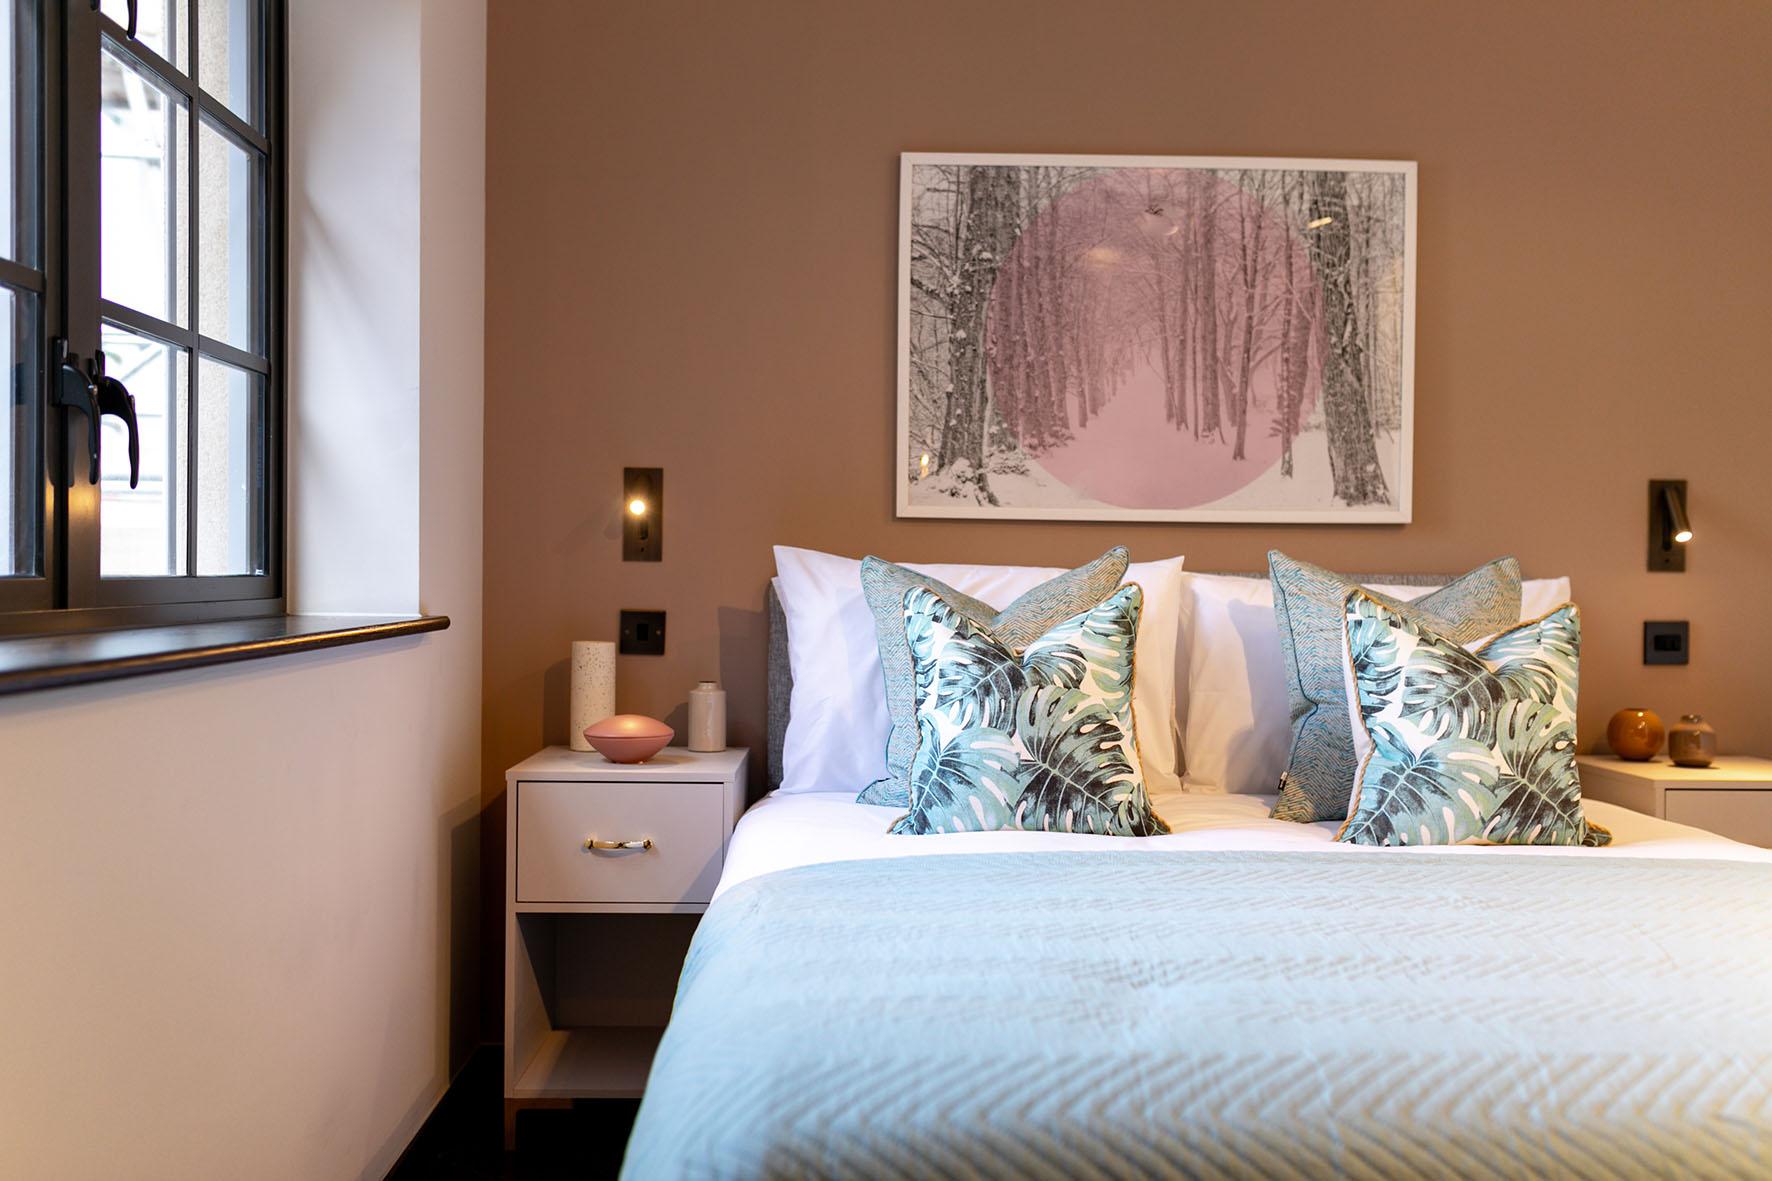 Lovelydays luxury service apartment rental - London - Soho - Oxford Street V - Lovelysuite - 1 bedrooms - 1 bathrooms - Queen bed - 6c90478311a1 - Lovelydays